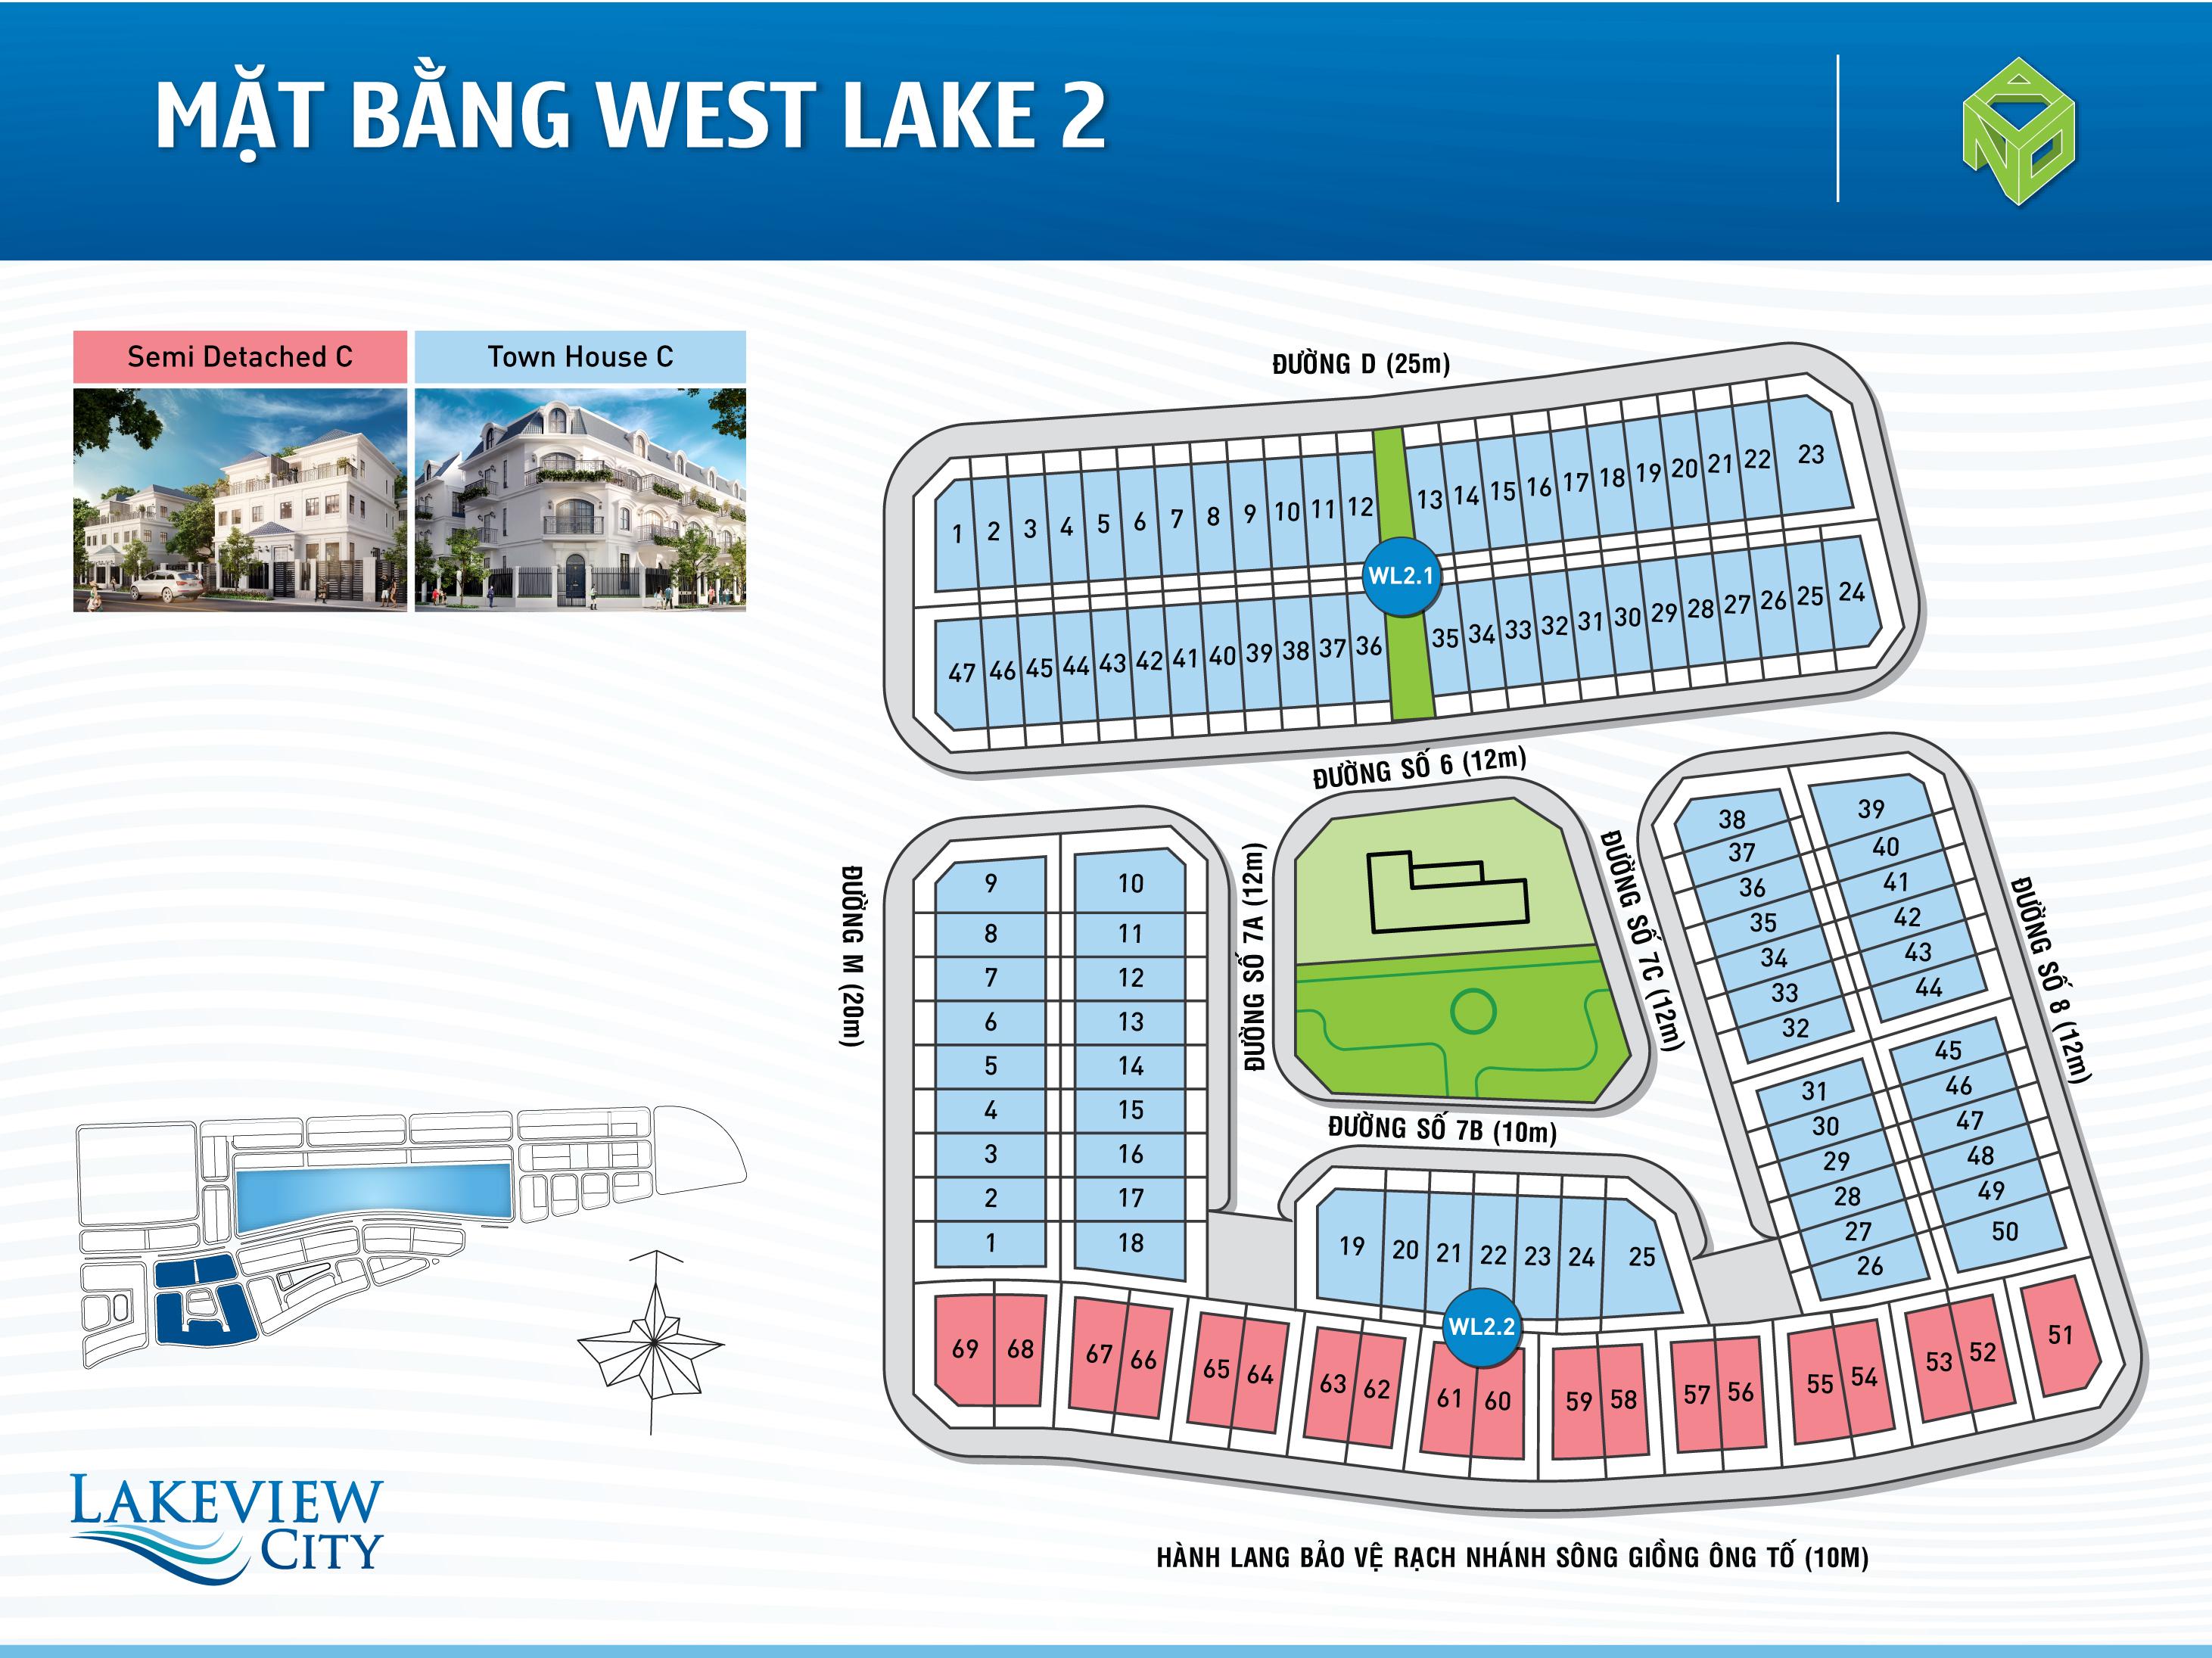 Mặt bằng West Lake 2 dự án Lakeview City